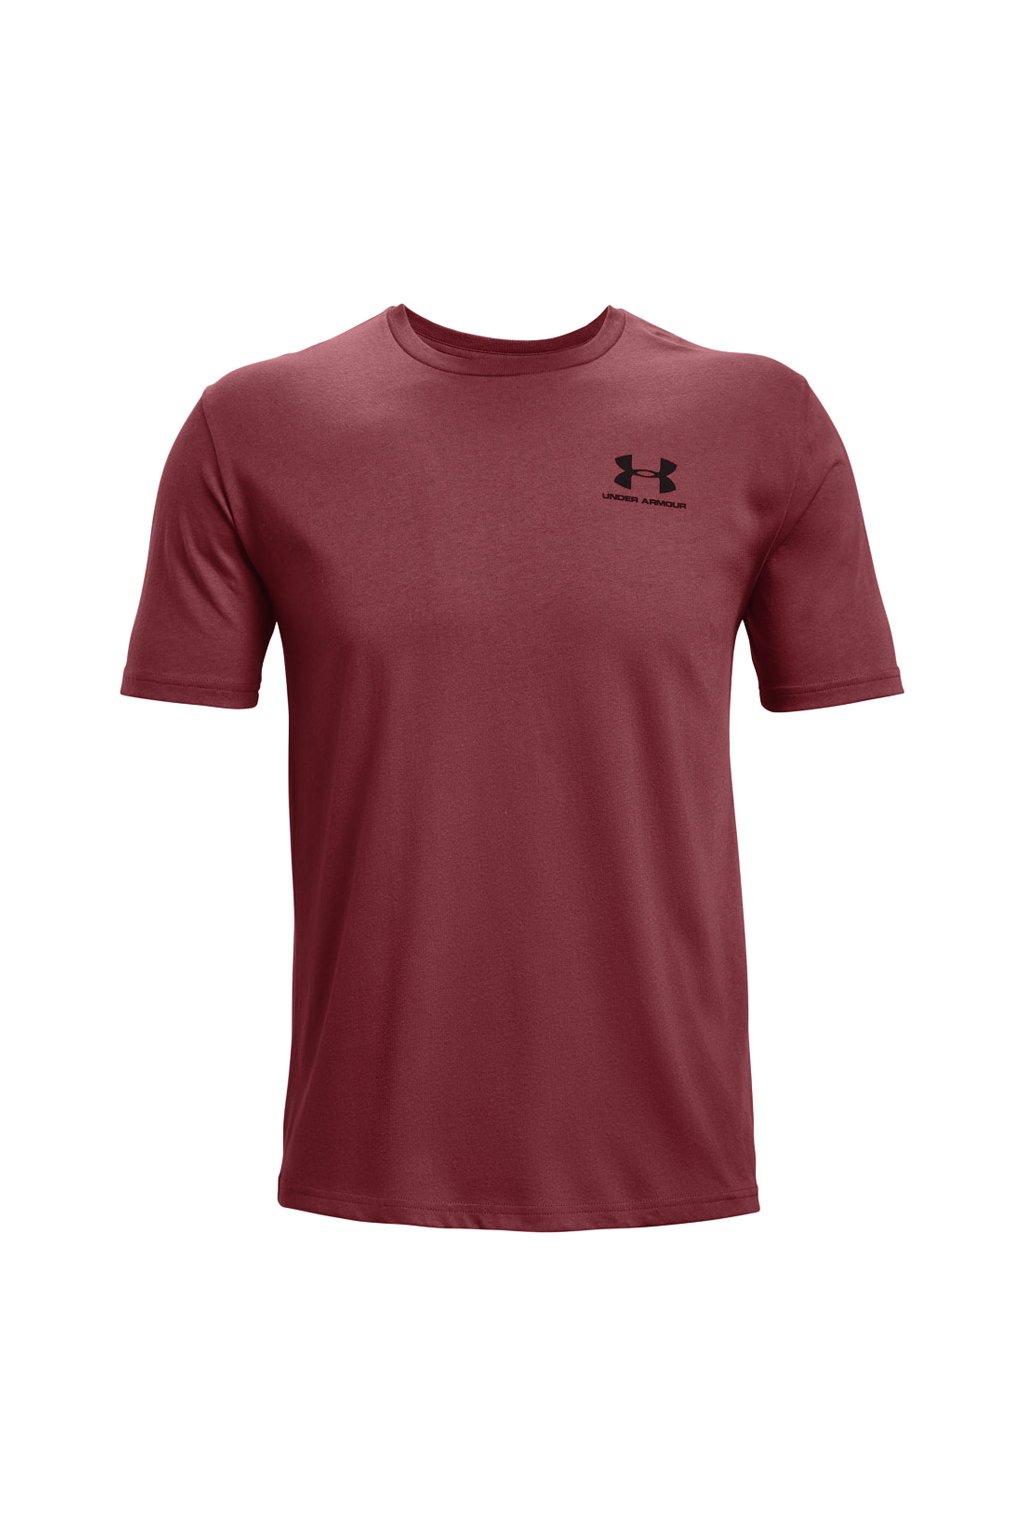 Pánske tričko Under Armour Sportstyle LC SS bordové 1326799 652